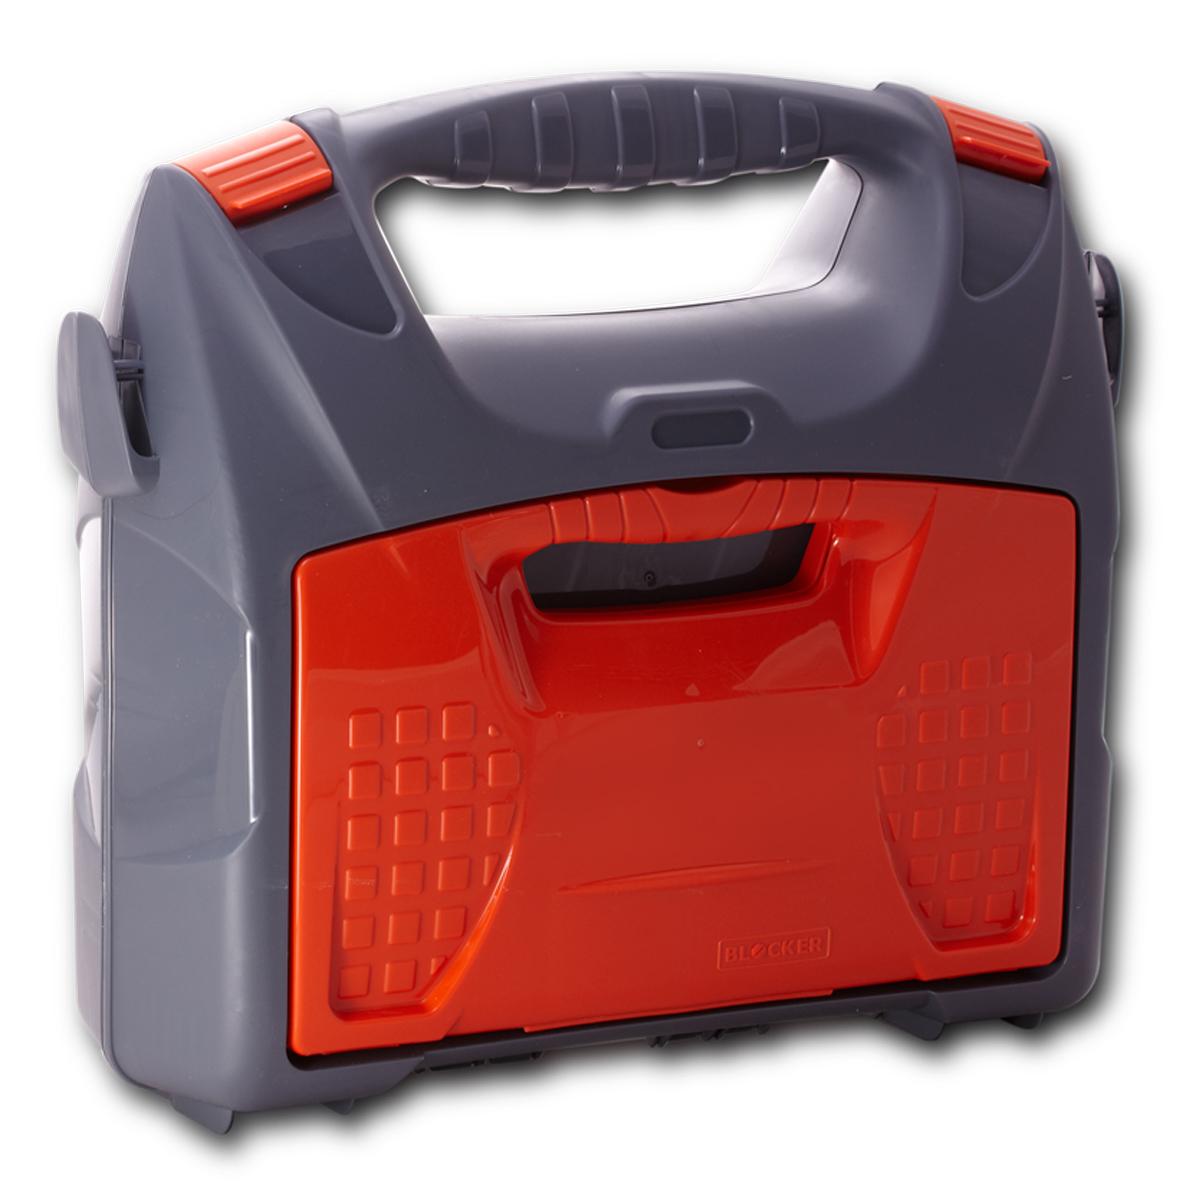 Кейс для электроинструмента Blocker Elekoffer +, с органайзером, цвет: серый, оранжевый, 415 х 361 х 141 мм98298130Кейс для электроинструмента Blocker Elekoffer + имеет оптимальную форму для размещения большинства известных домашних электроинструментов: дрели, угловой шлифовальной машины (болгарки), электролобзика, шуруповерта. Отличительными особенностями кейса являются: съемный органайзер для сверел и буров, оригинальный дизайн, эргономичная ручка, боковые зацепы для наплечного ремня.